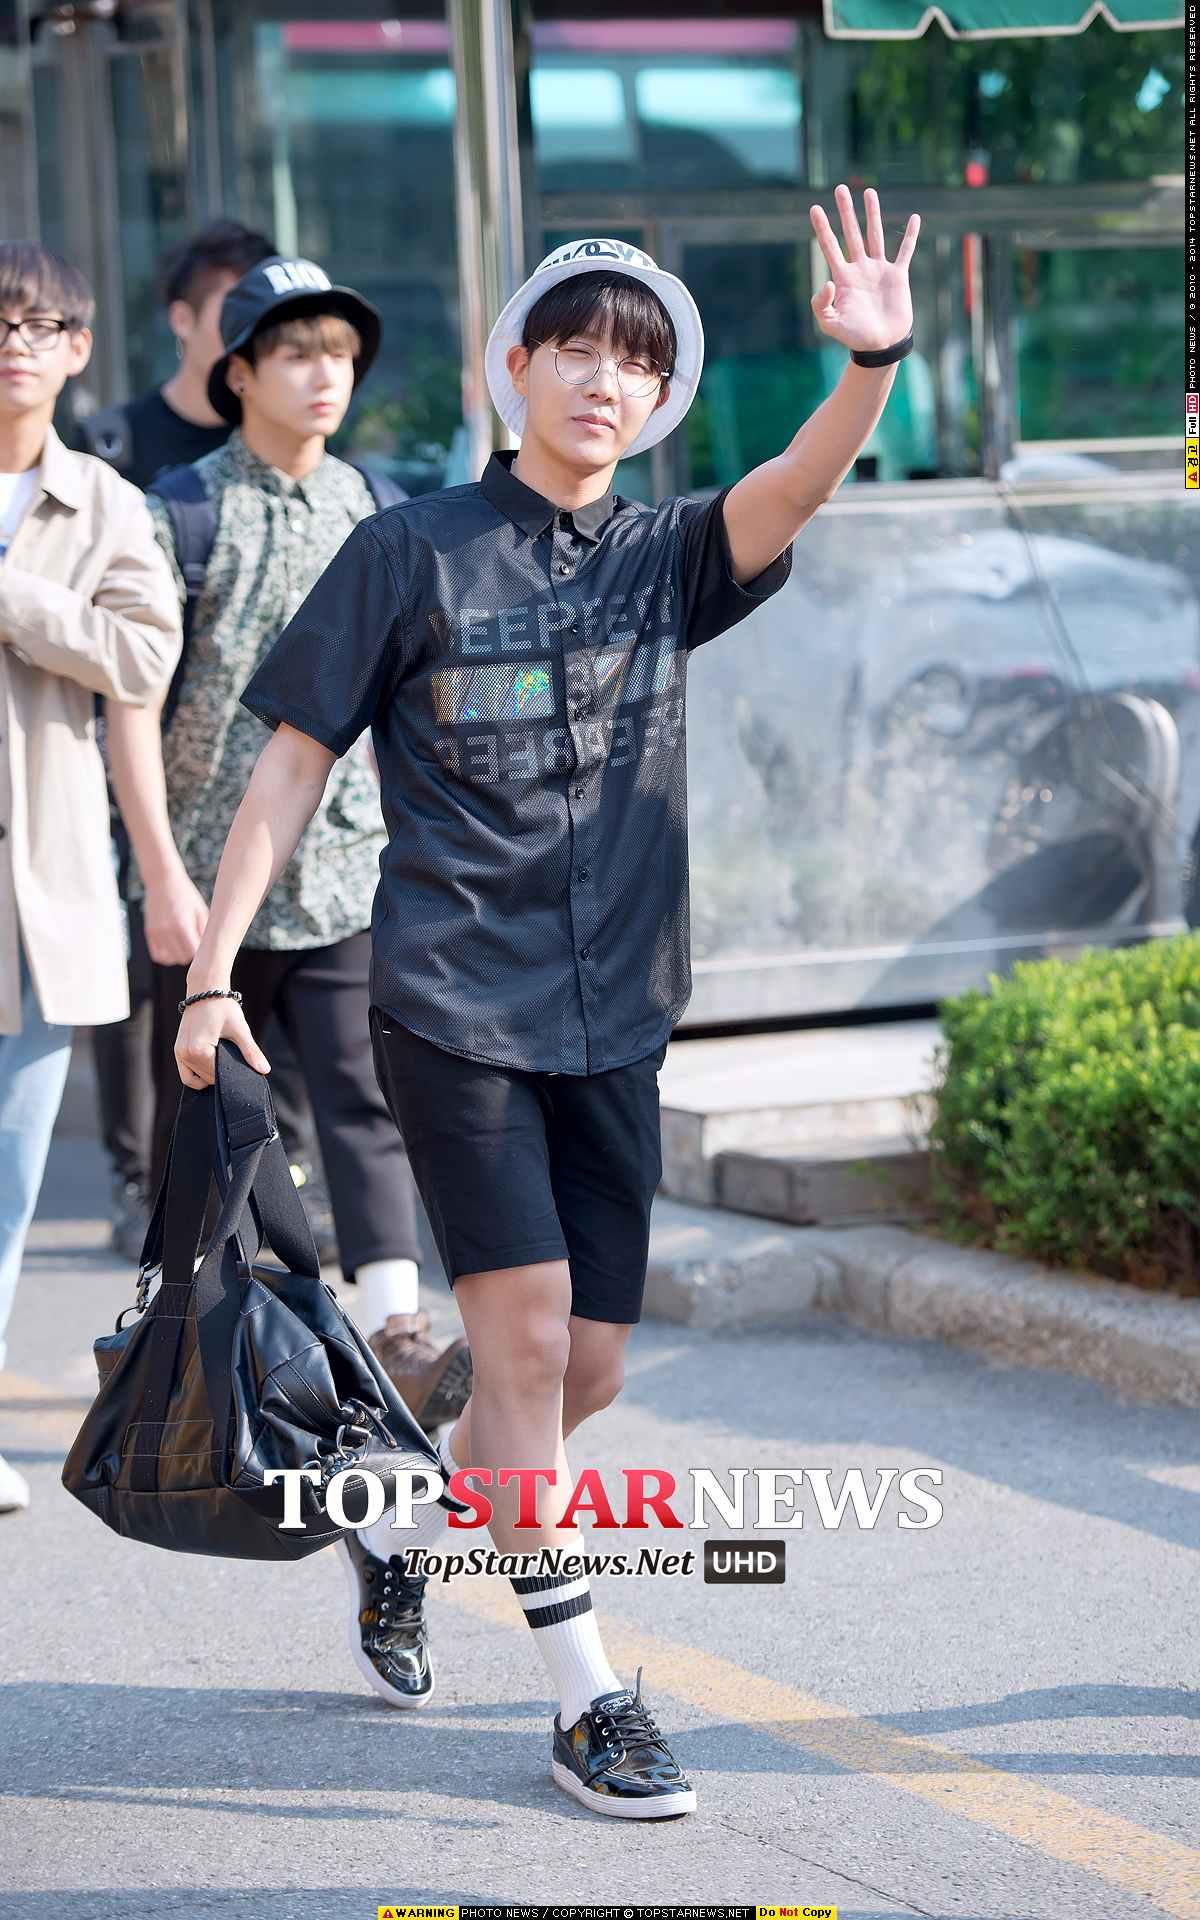 J-Hope這一身就更個性了,也很有韓國小男生的氣質,短褲 X 中短襪,再加上圓眼睛,非常學生氣質,不過比較會難駕馭。